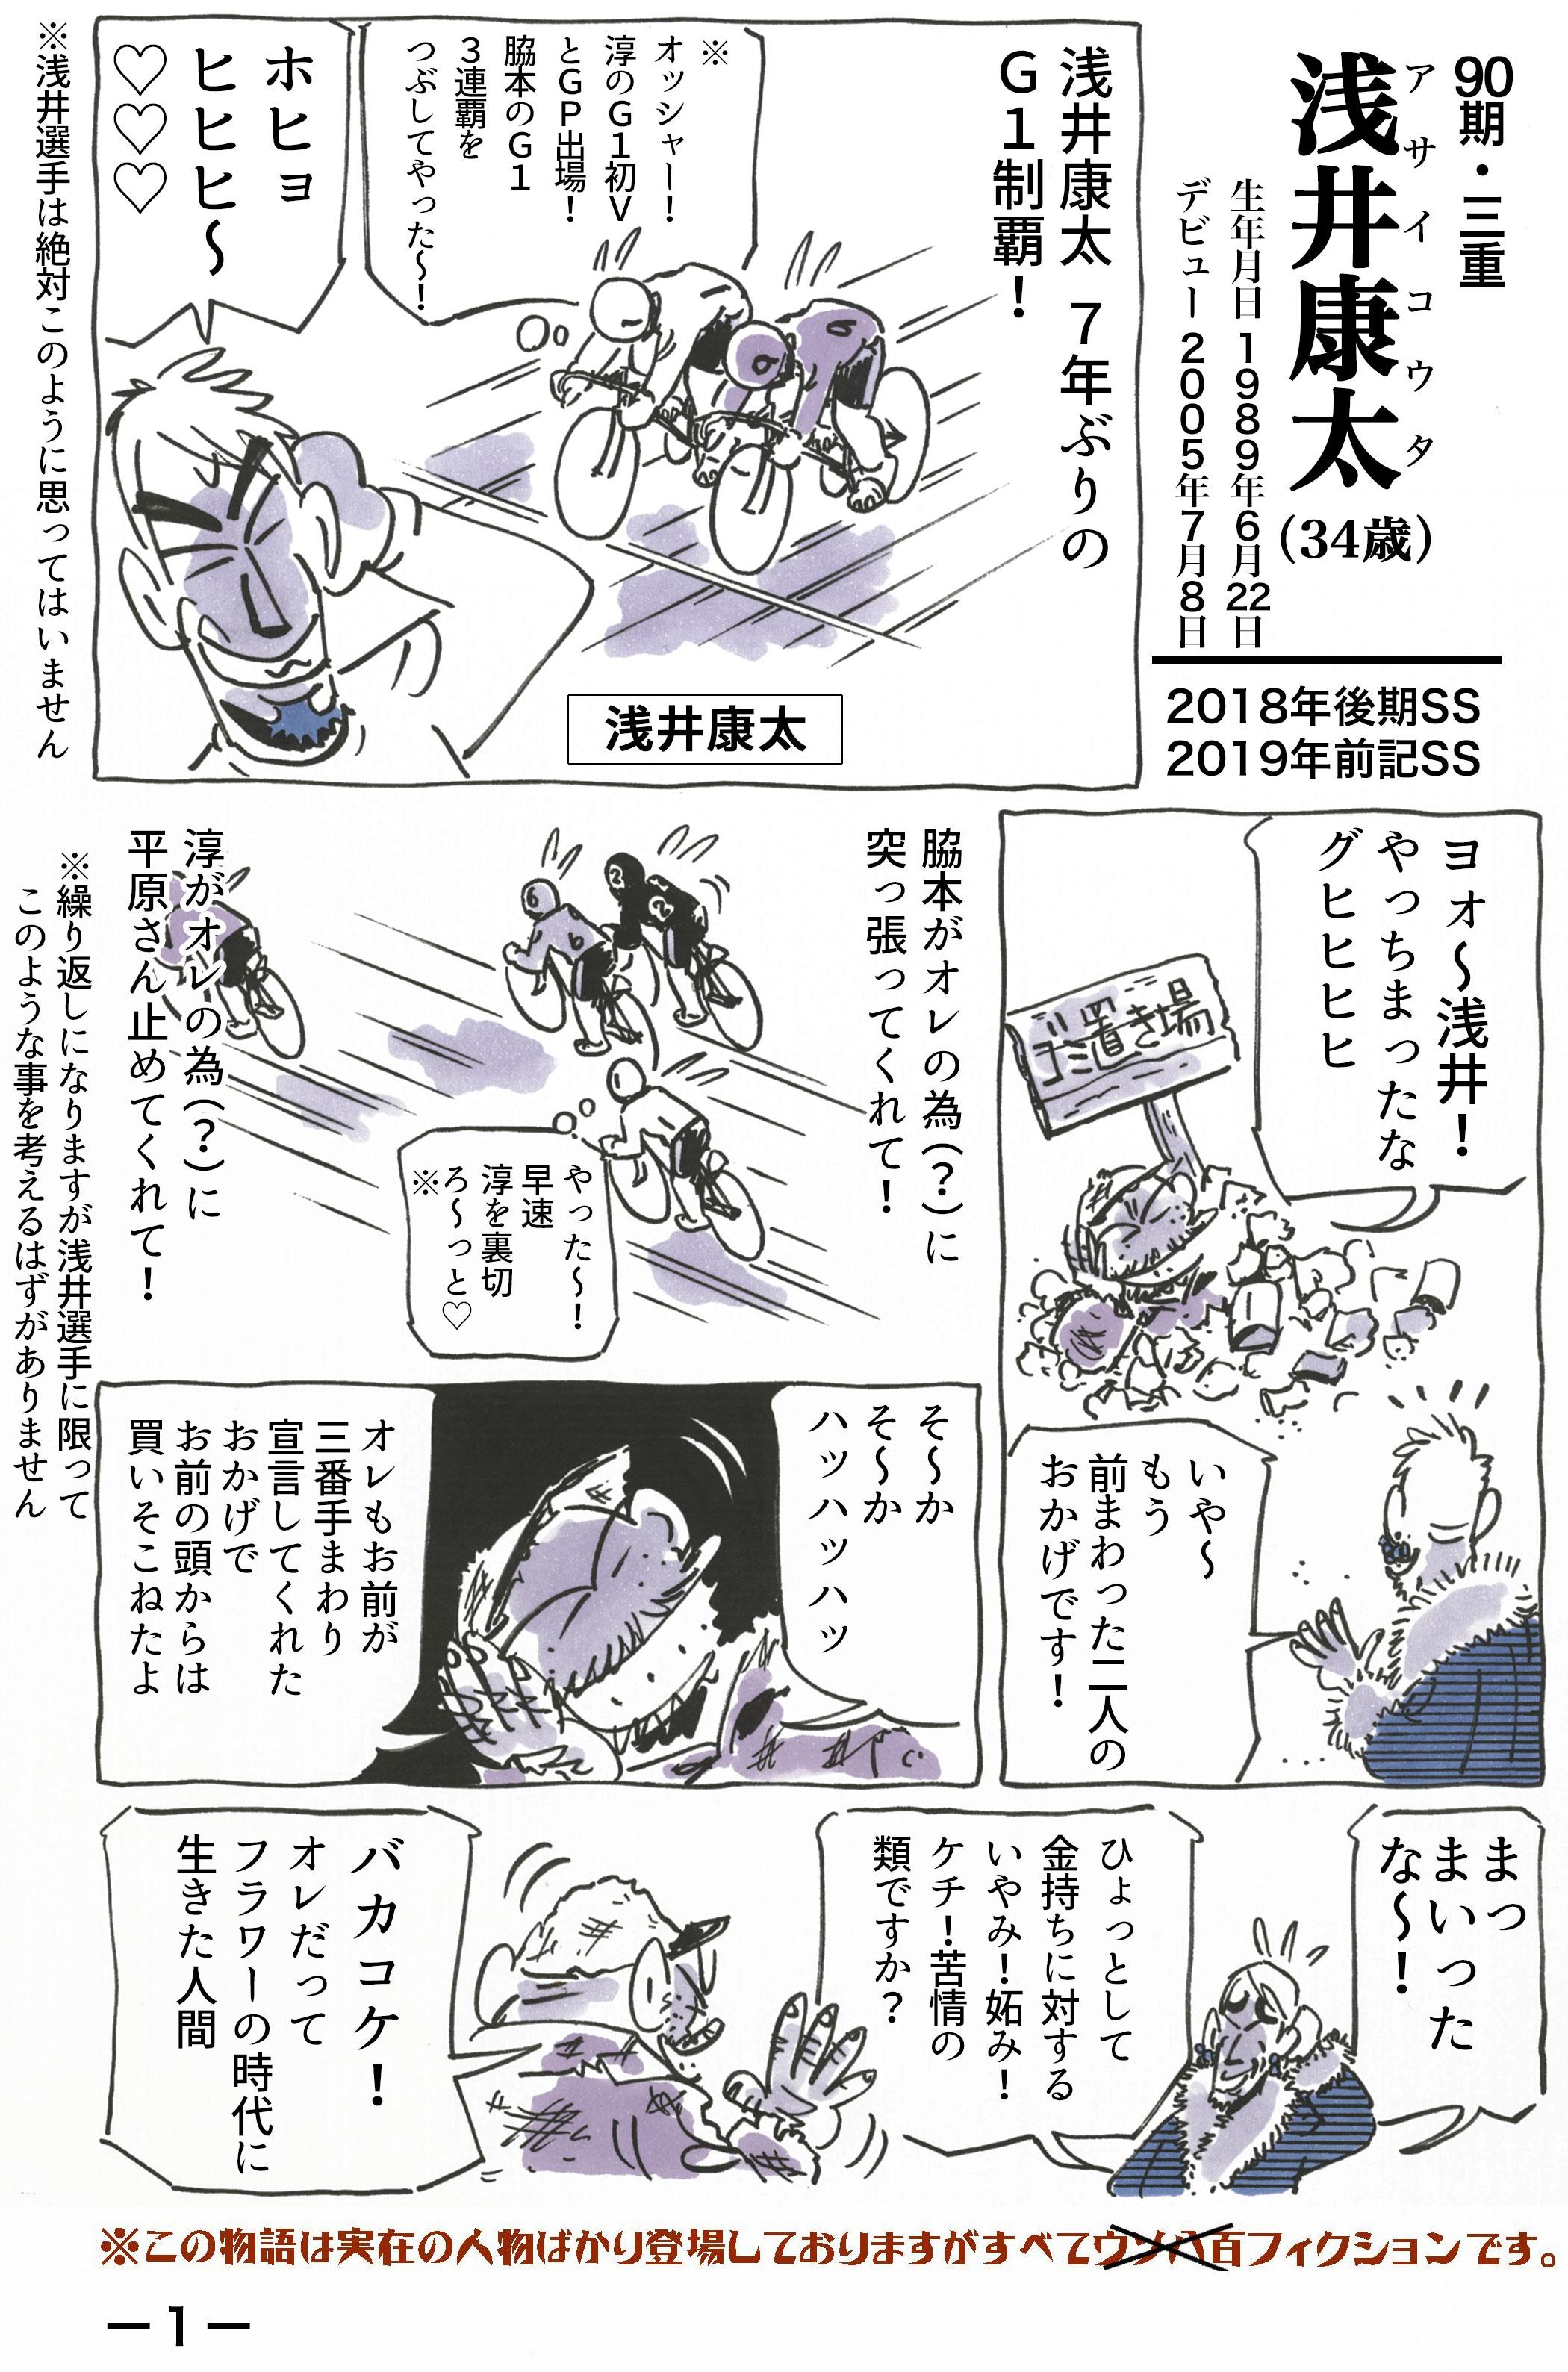 90期・三重 浅井康太 アサイコウタ(34歳) S級S班